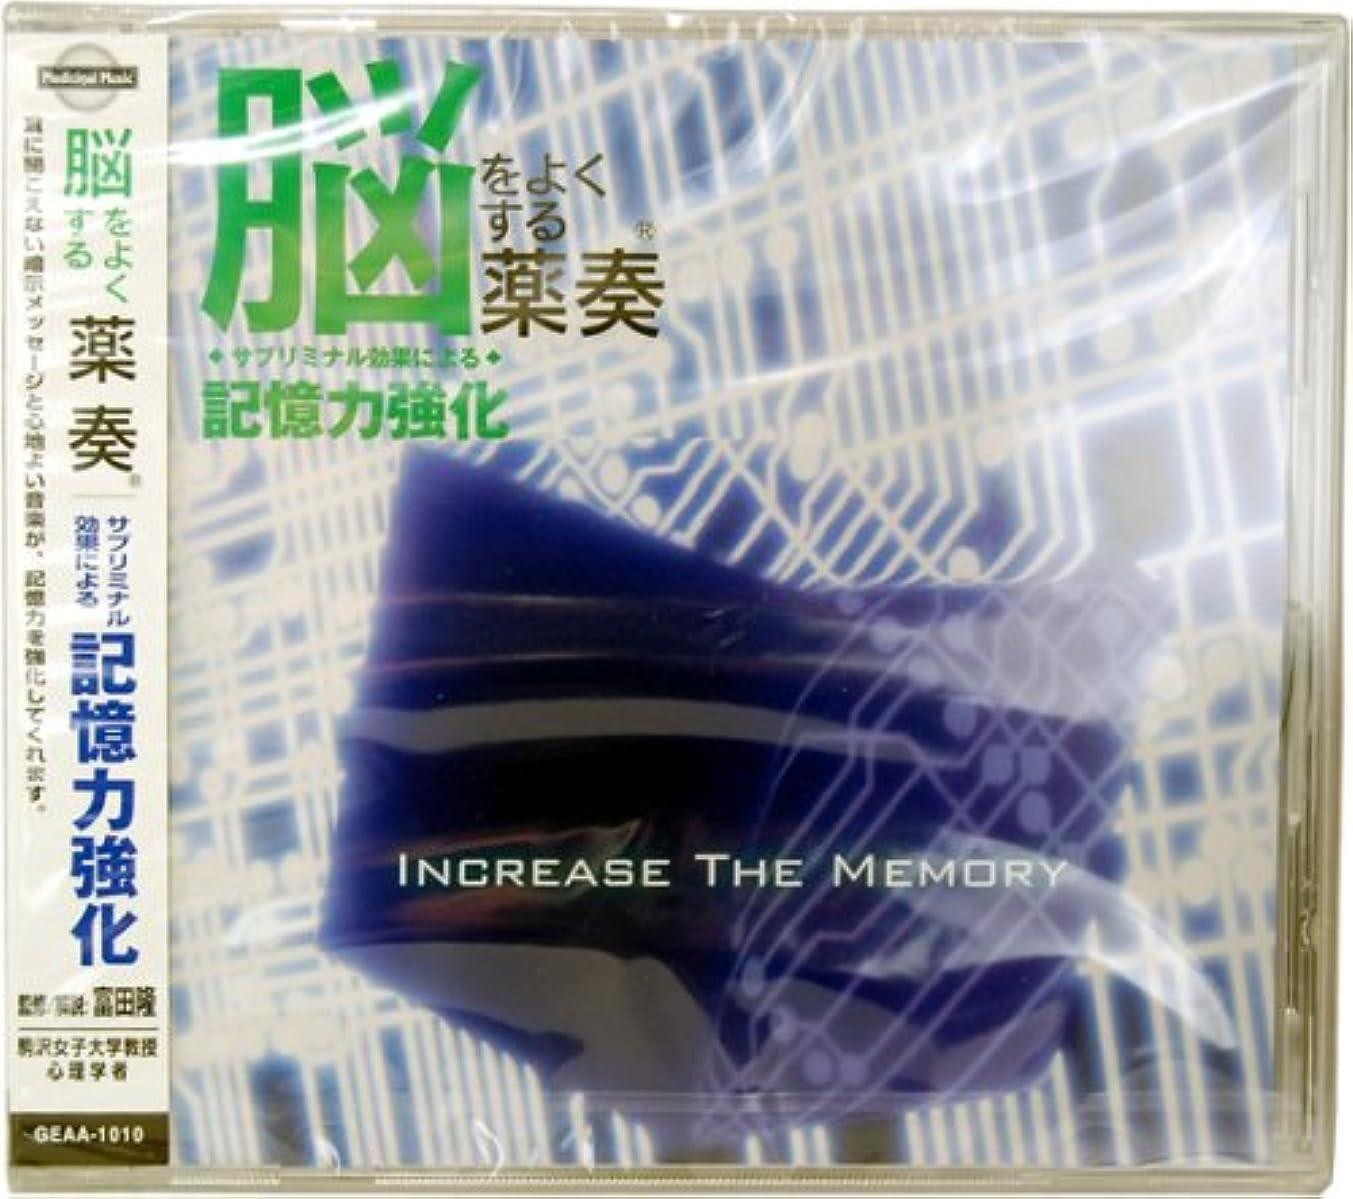 ファーザーファージュパートナーフォアマン薬奏CD 記憶力強化